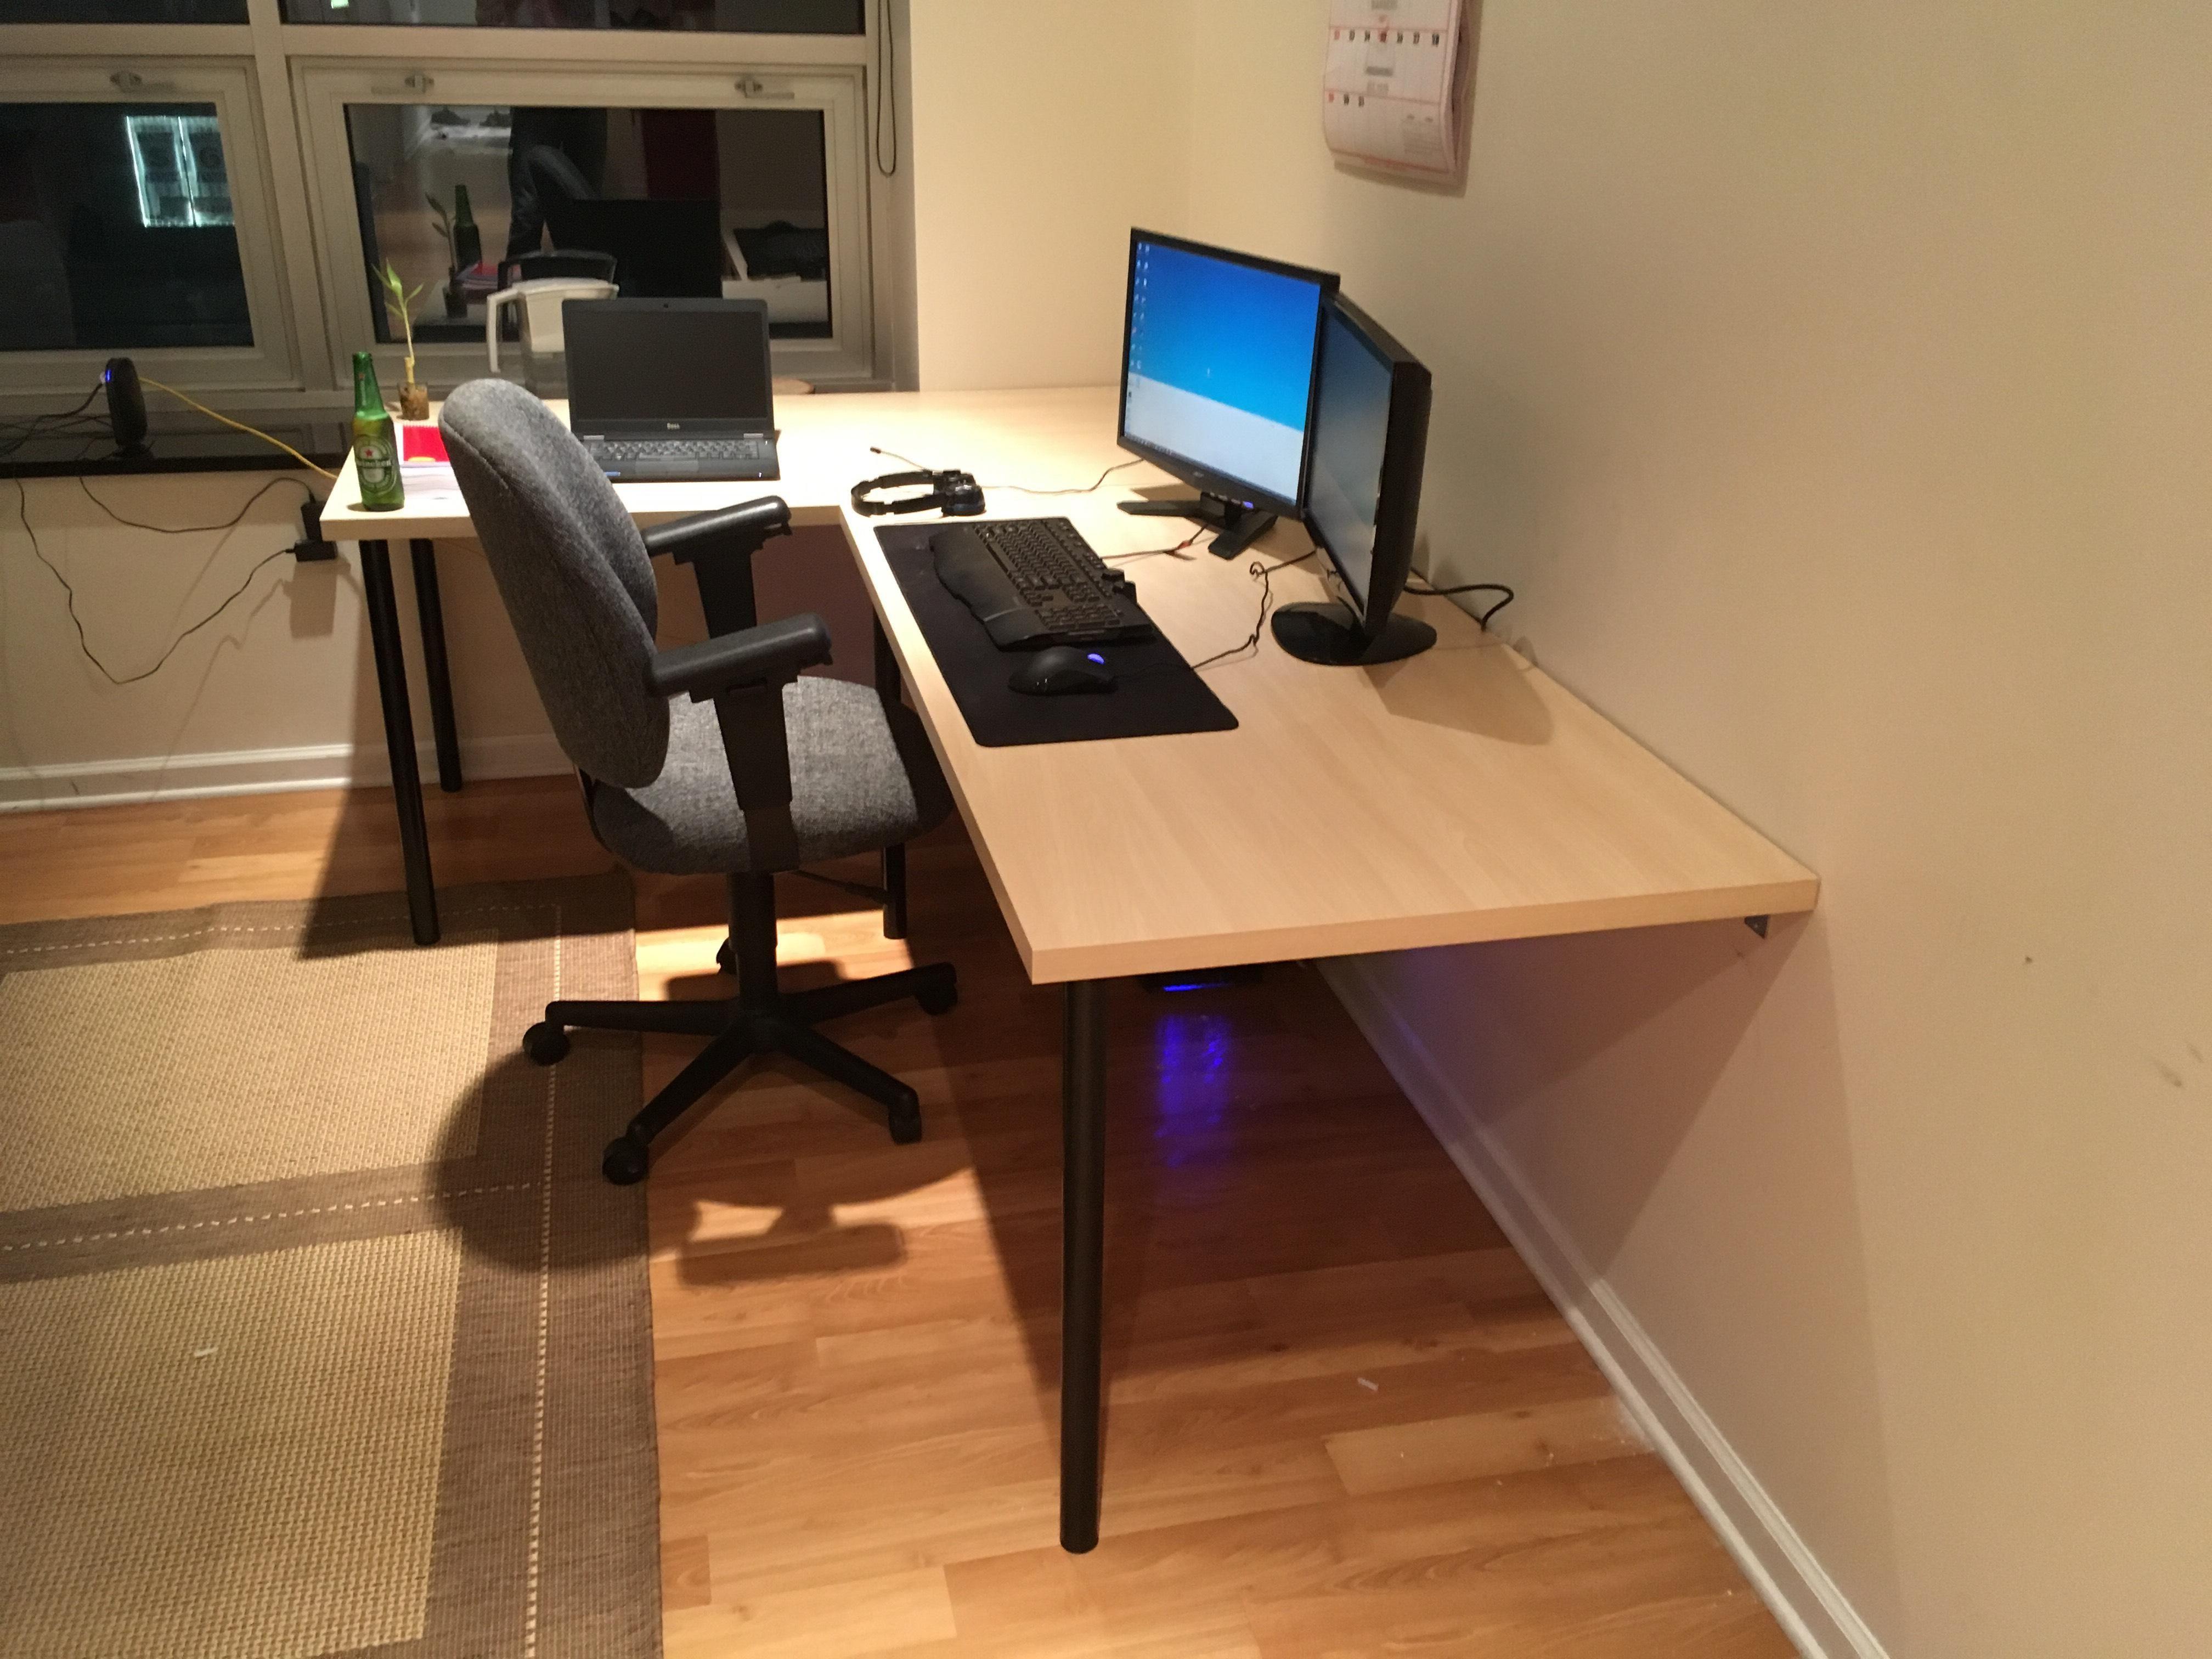 Design Homemade Desks 80 dollar homemade desk ikea games setup pinterest desk